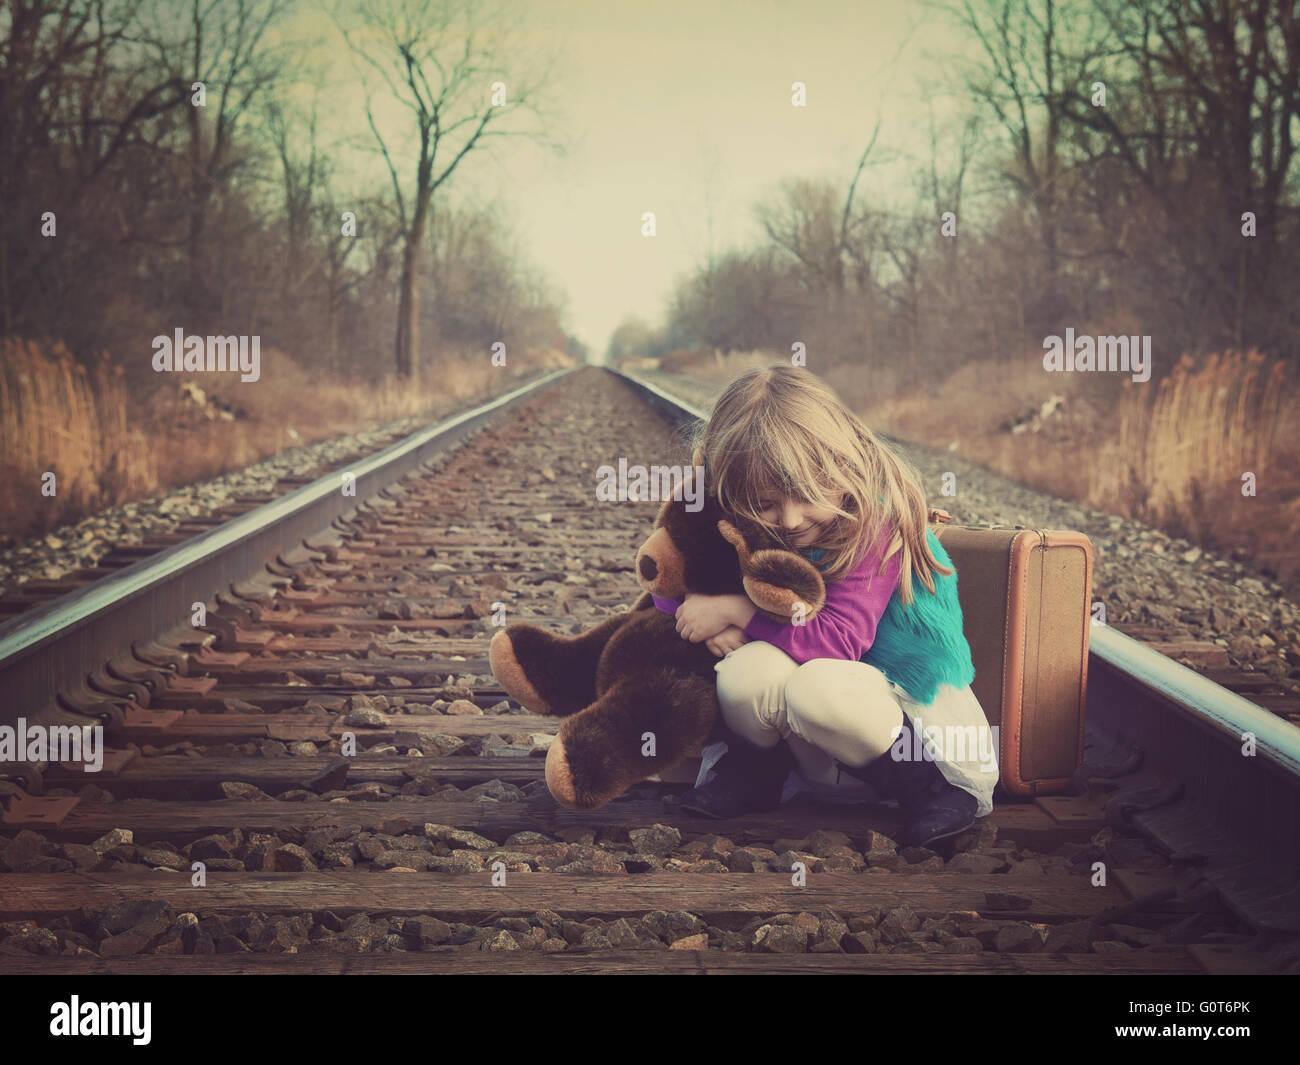 La bambina è seduta su un vecchio treno via al di fuori e abbracciando un orsacchiotto di peluche per un vintage Immagini Stock